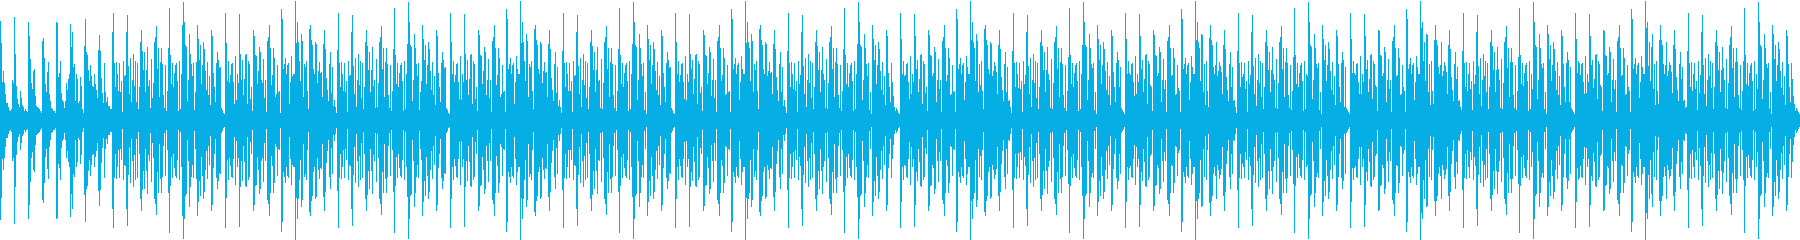 【BGM】リラックス・ジャズ・カフェの再生済みの波形